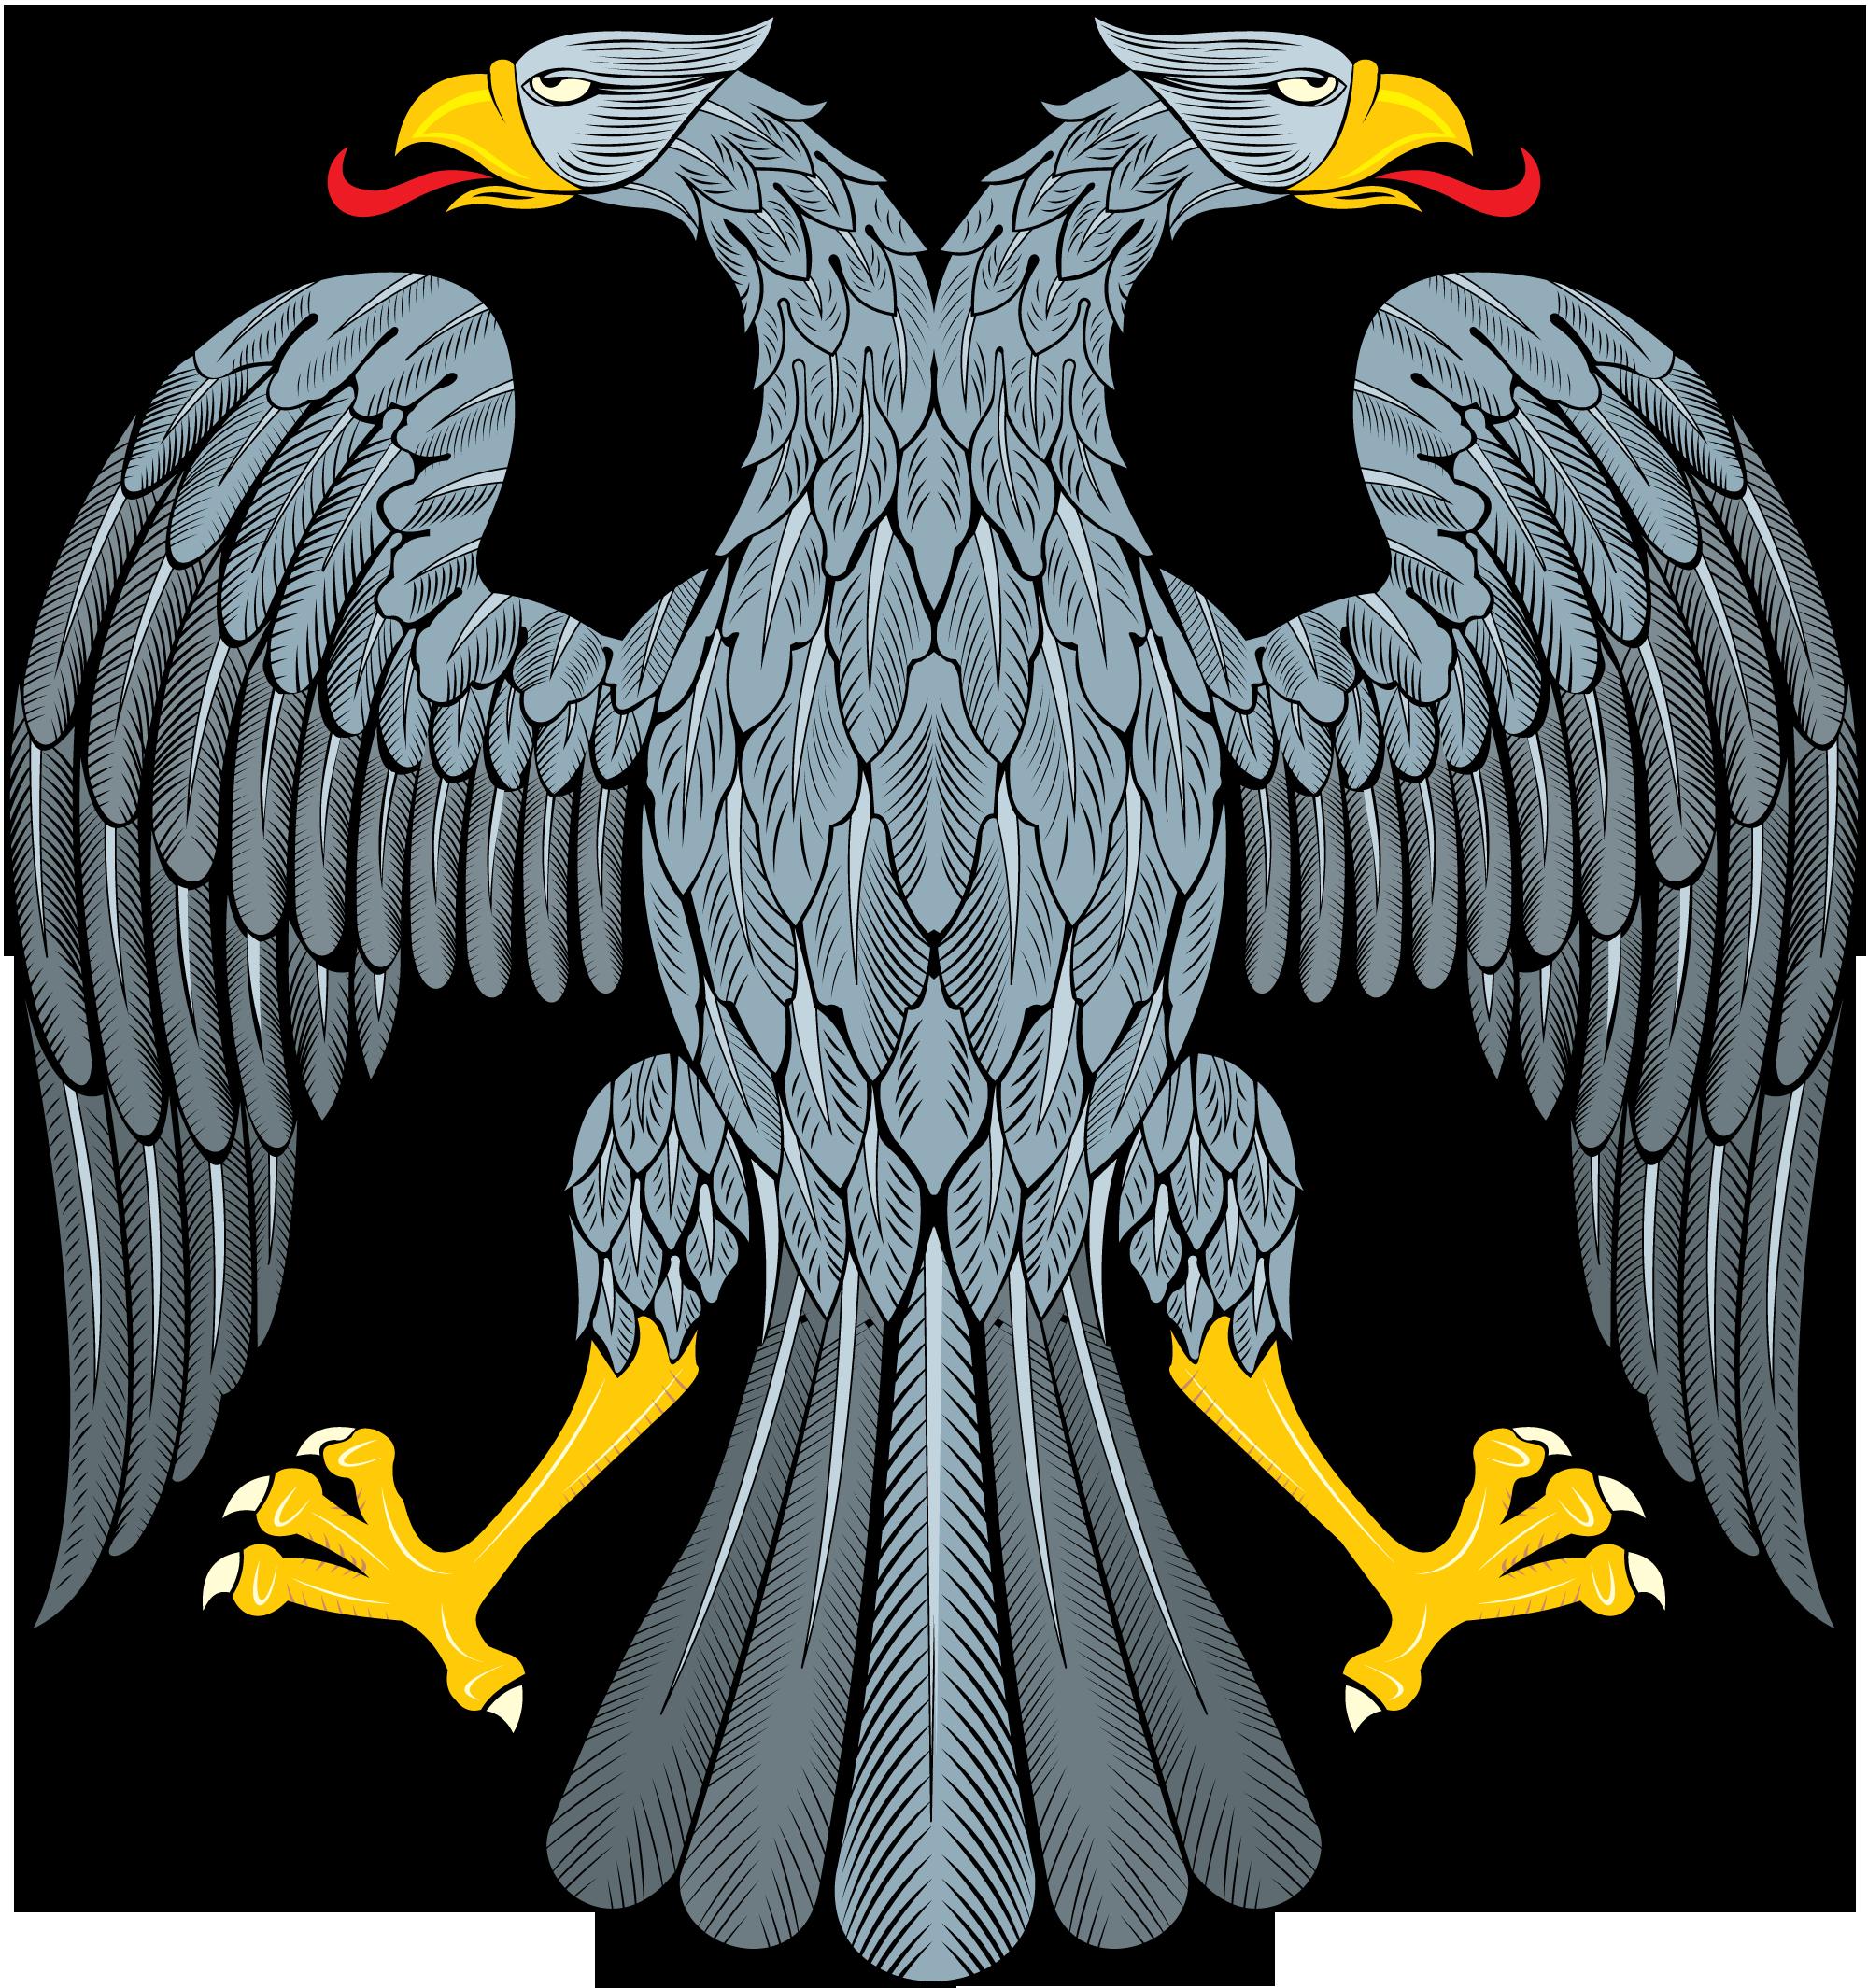 Векторный герб РДФР (Российской Демократической Федеративной Республики)